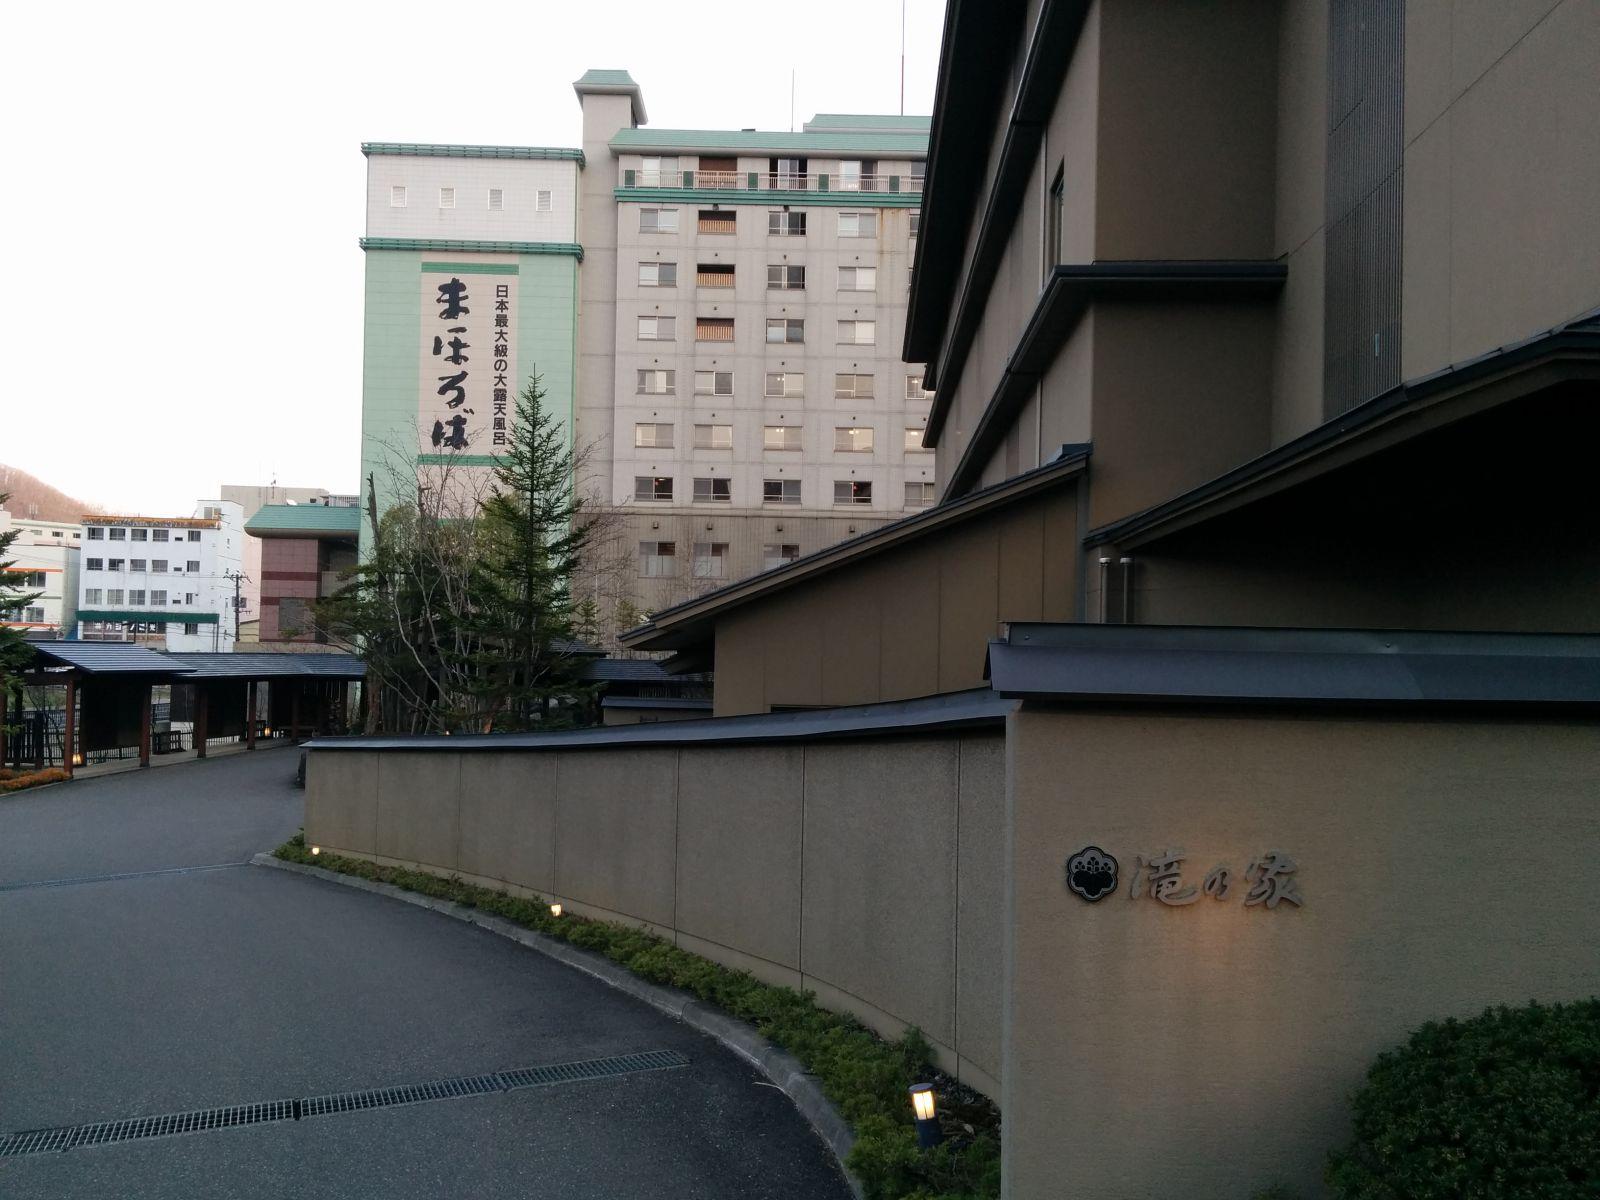 【登別温泉】滝乃家送迎観光タクシー・ジャンボタクシー